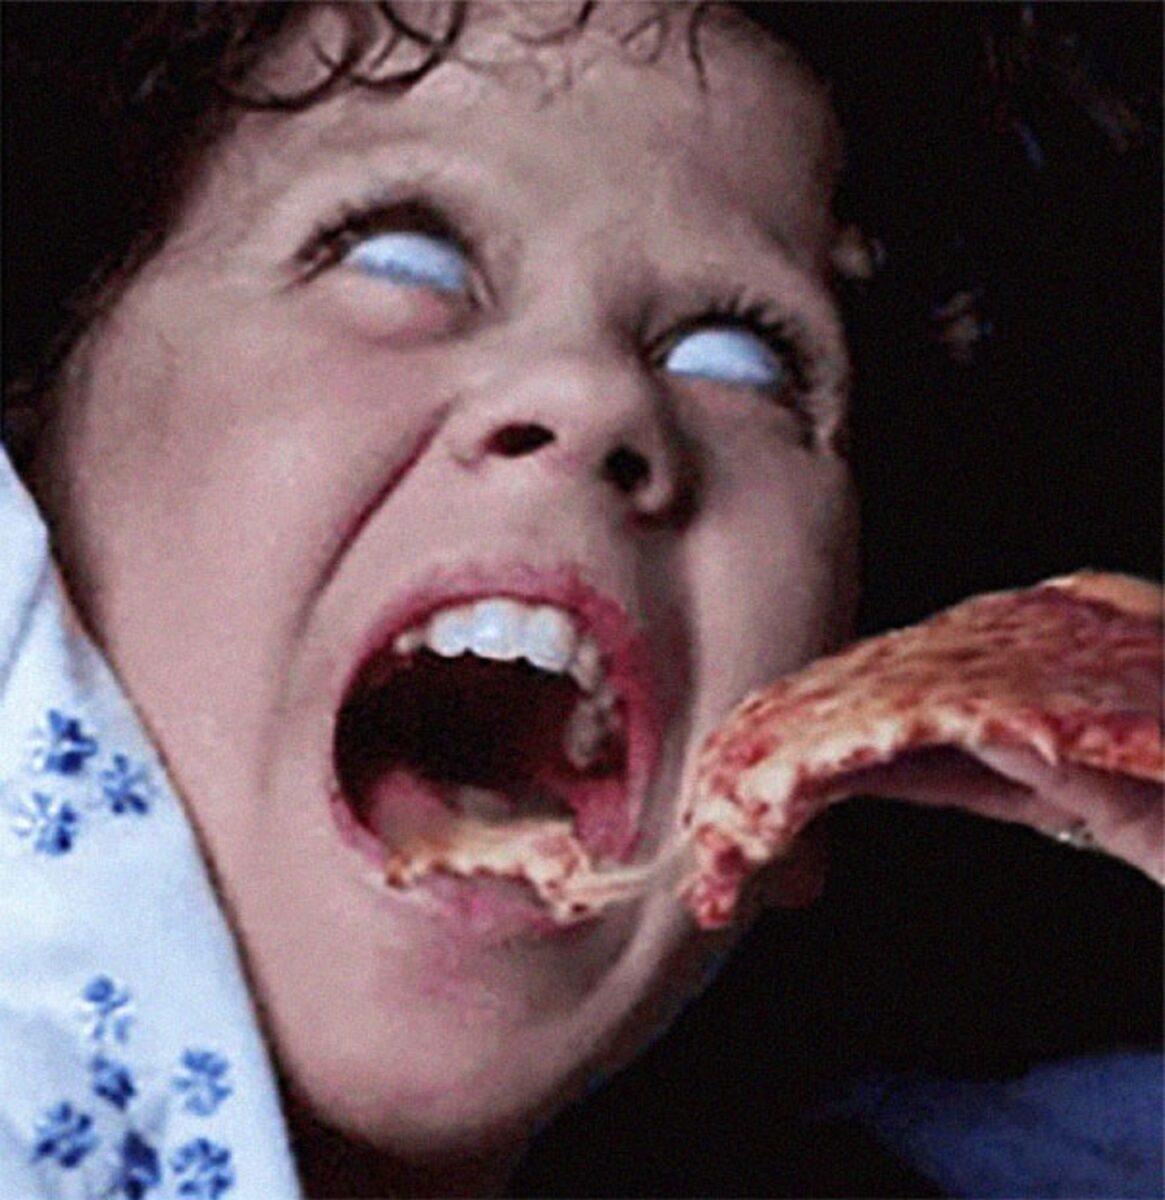 Pizzas adicionadas em filmes de terror atraves do Photoshop 7